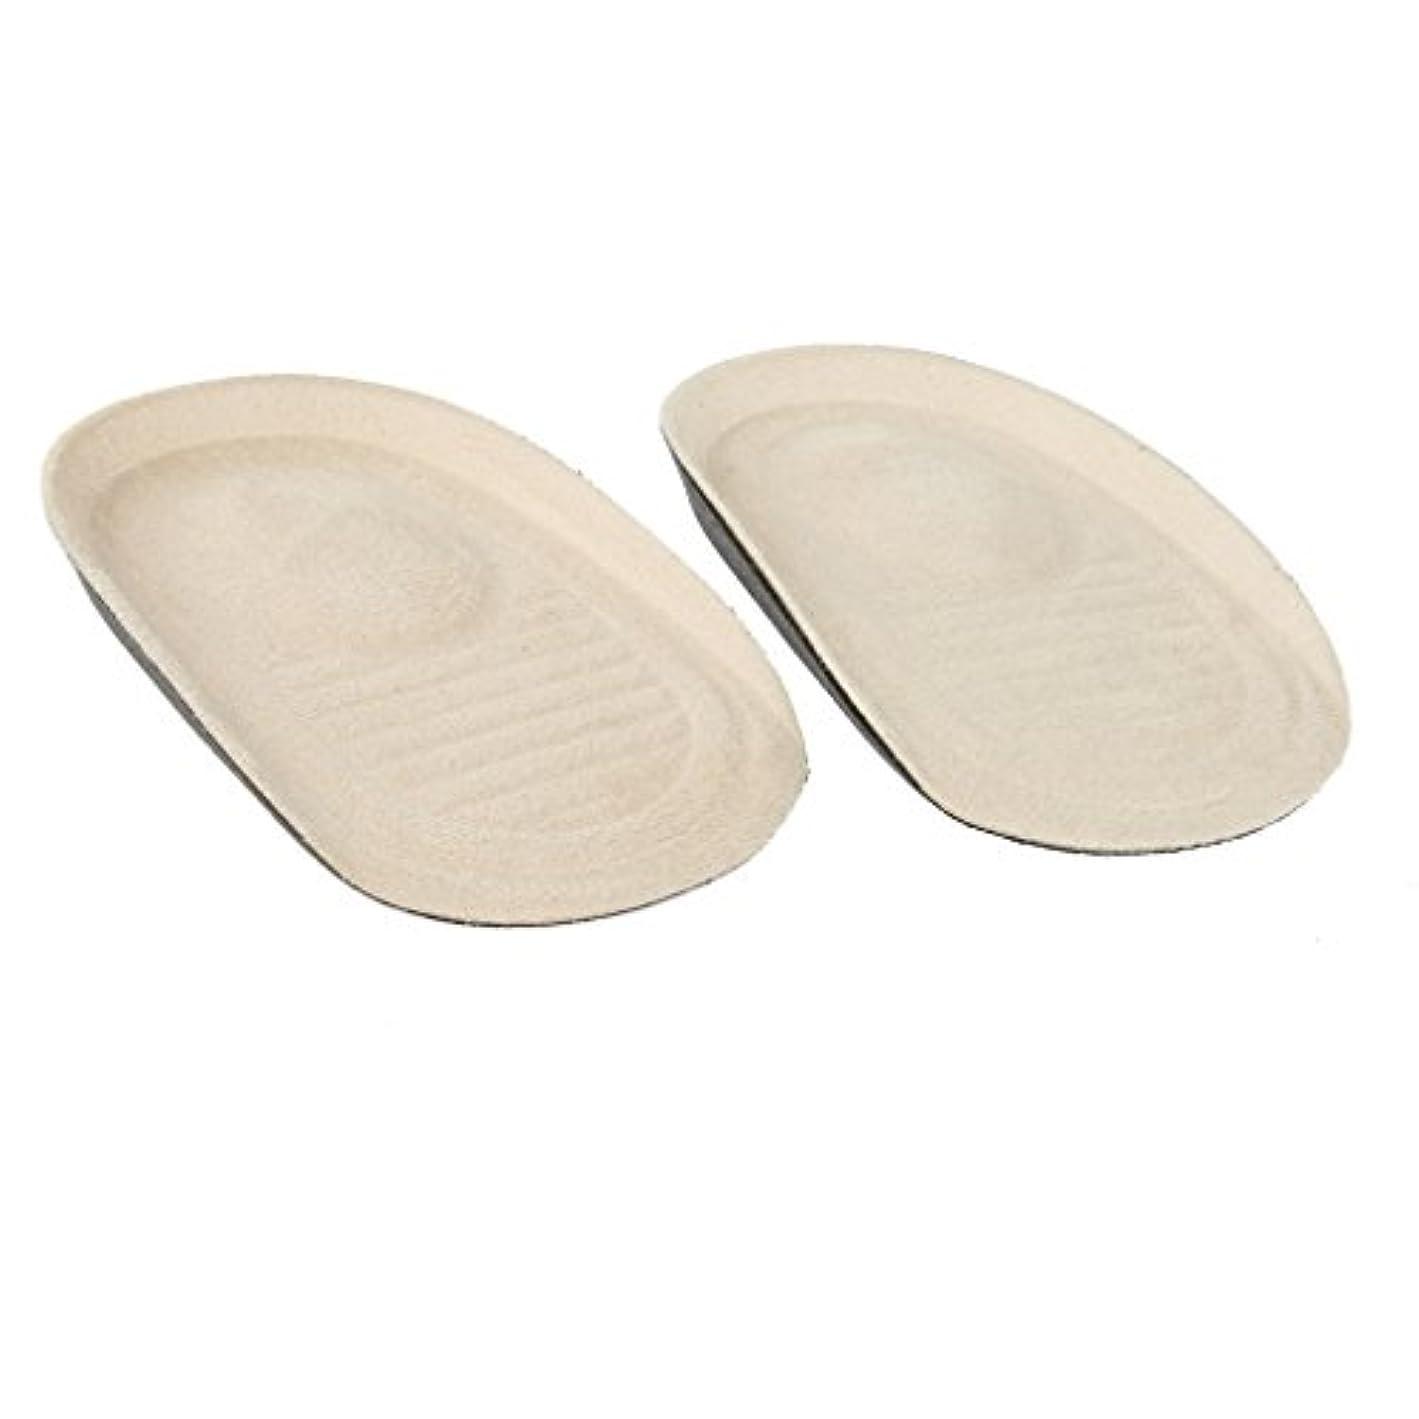 スズメバチ奇妙なパケットアンチスリップヒールクッションは、インソールブーツ?靴インサートパッドスポンジ